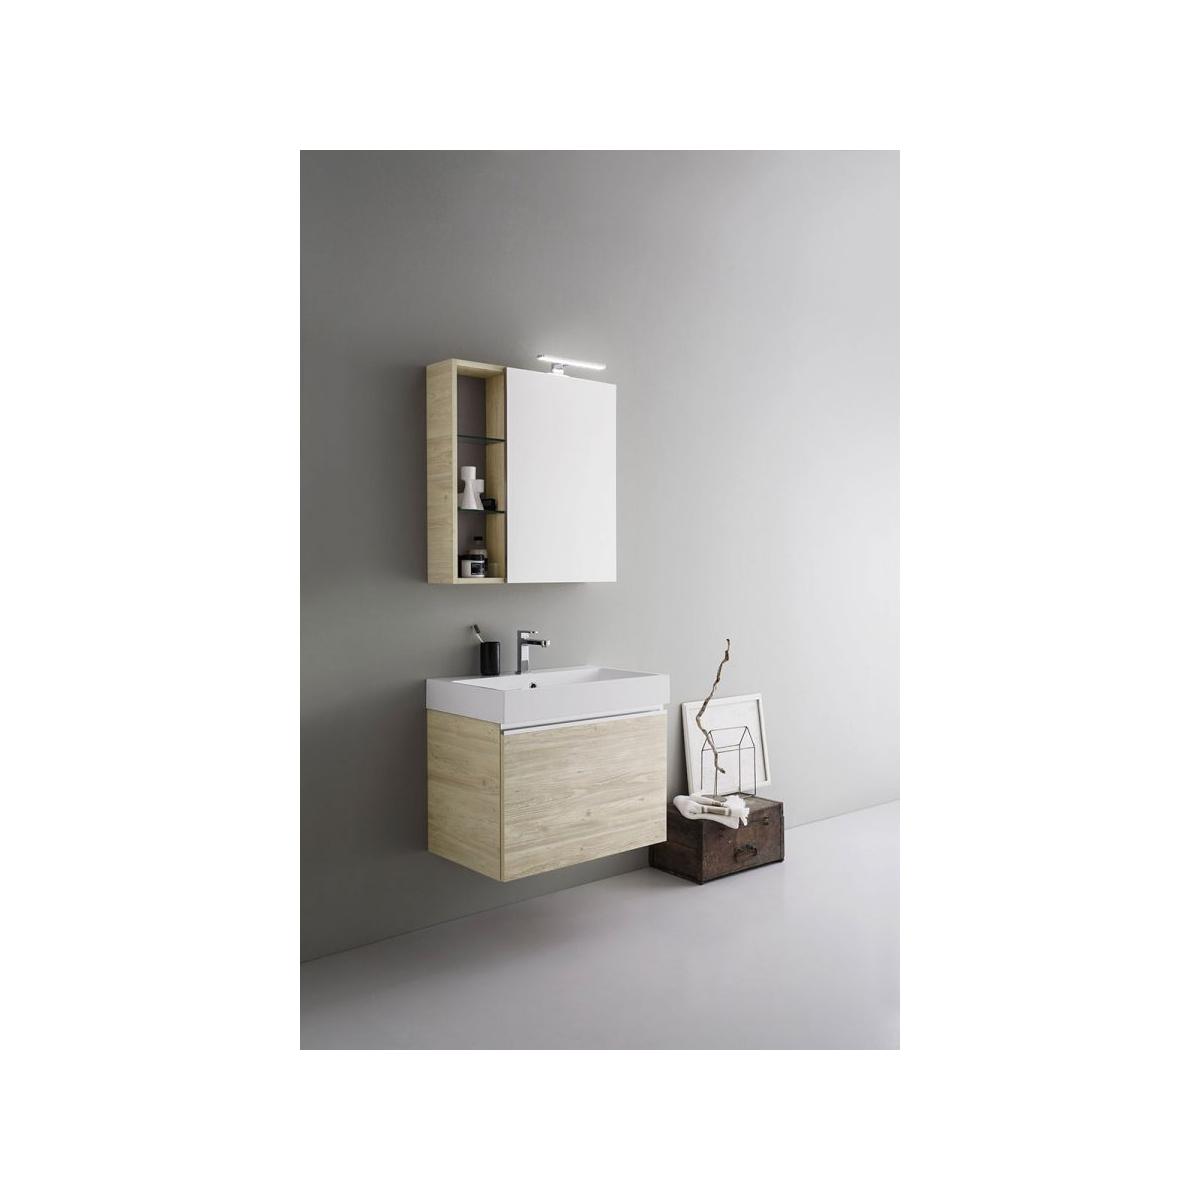 Specchio Bagno Contenitore Led.Mobile Da Bagno Moderno Legno Almond 70cm Con Specchiera